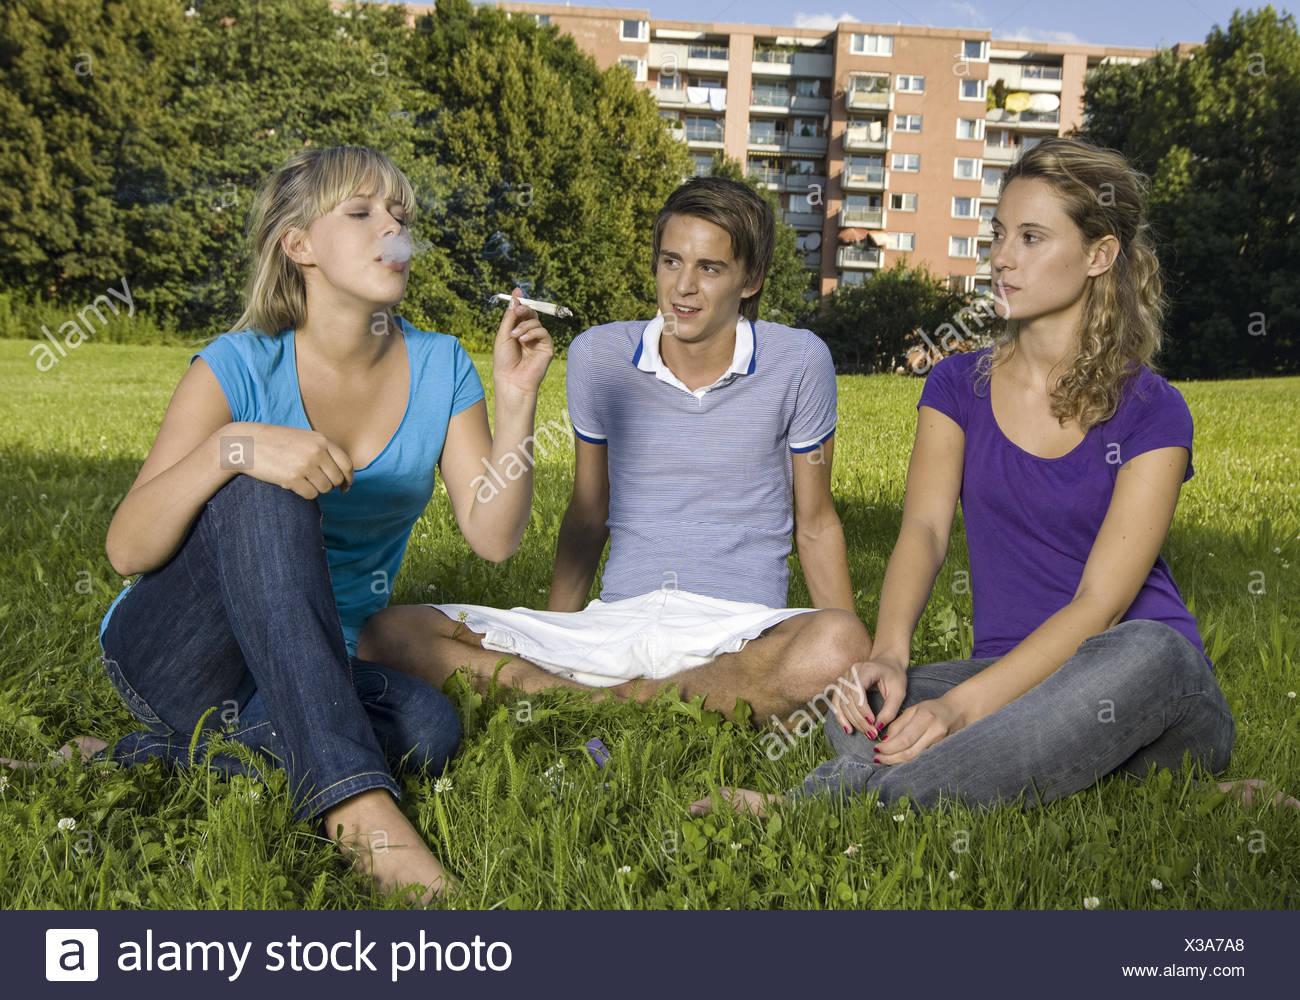 Drei Teenager sitzen auf Wiese, rauchen Joint (model-released) - Stock Image